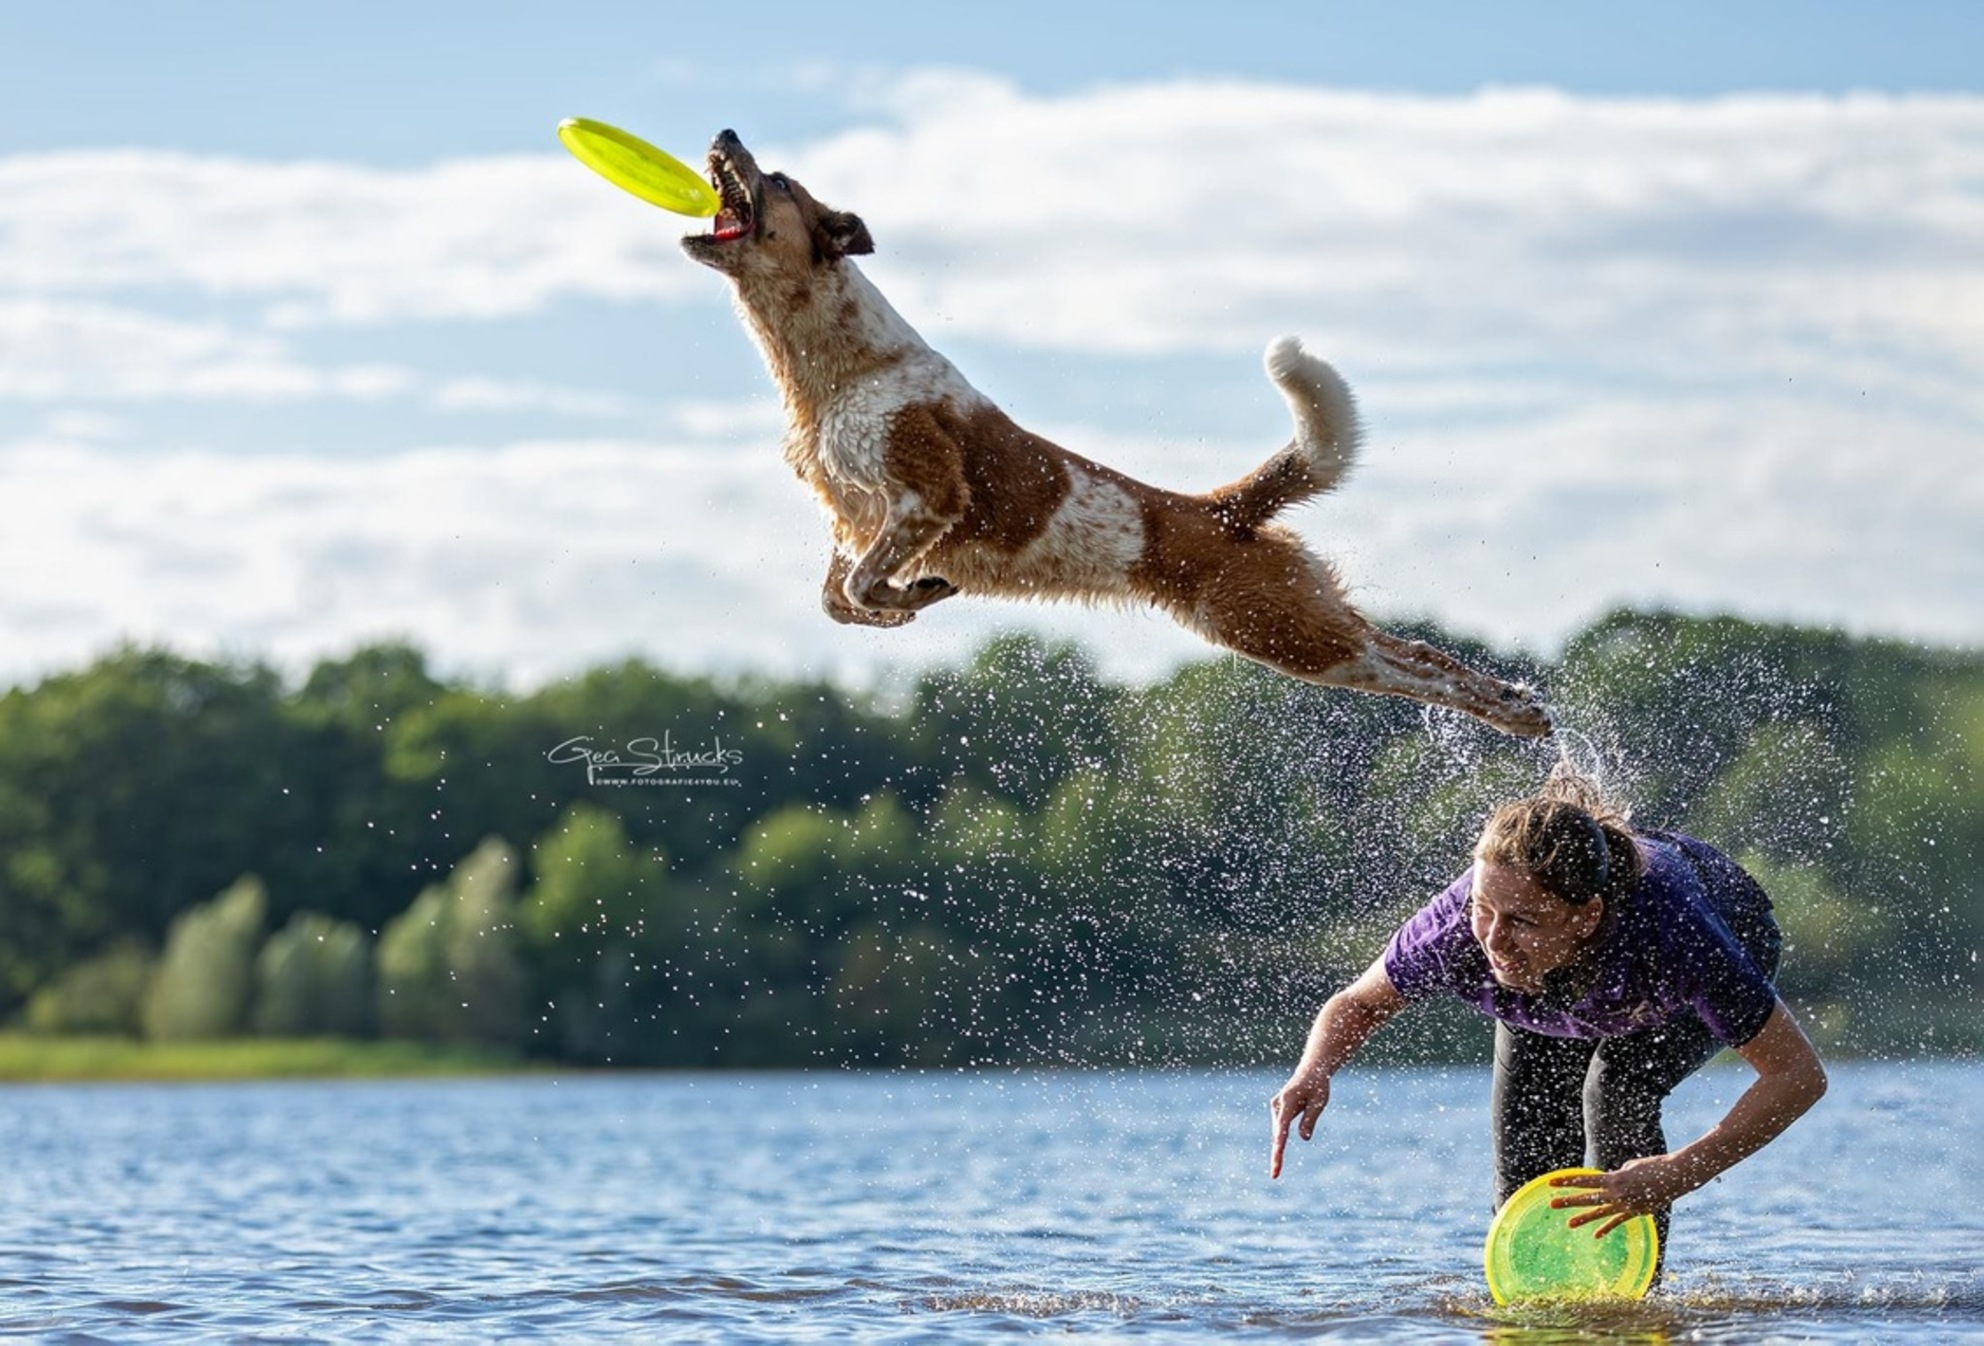 Frisbee in het water - Frisbee in het water zo zwaar voor honden. Maar deze hond maakt wr een prachtige hoge sprong van - foto door madcorona op 24-08-2020 - deze foto bevat: hond, honden, actie, frisbee, hondensport, hondenfotografie, actie fotografie, hondendotografie - Deze foto mag gebruikt worden in een Zoom.nl publicatie